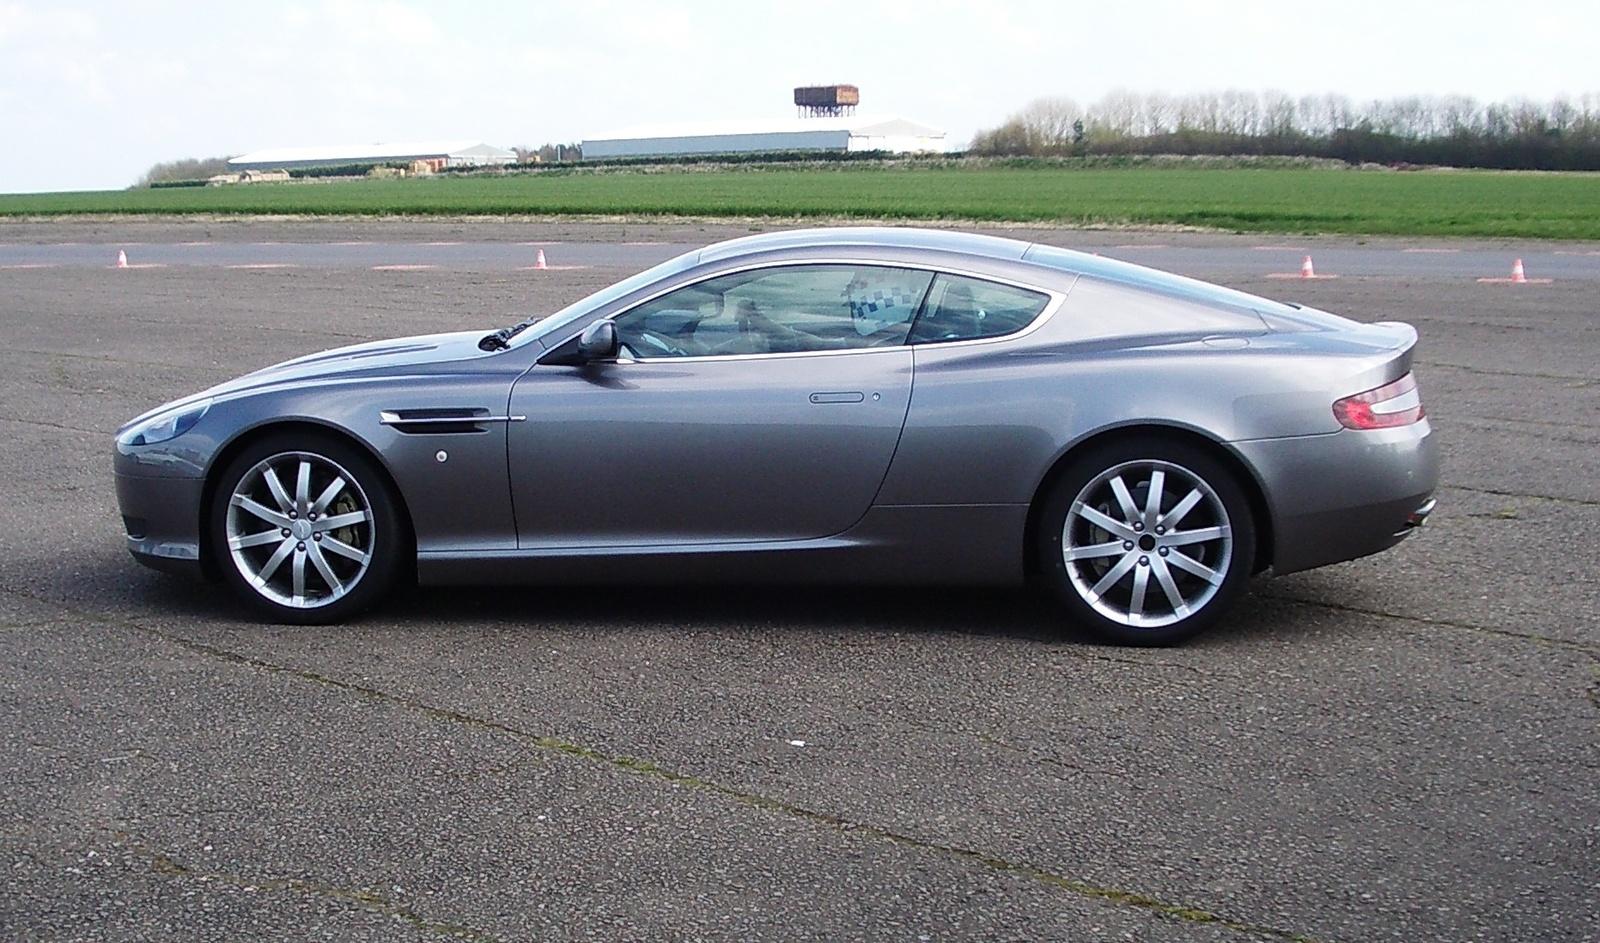 2005 Aston Martin Db9 Exterior Pictures Cargurus